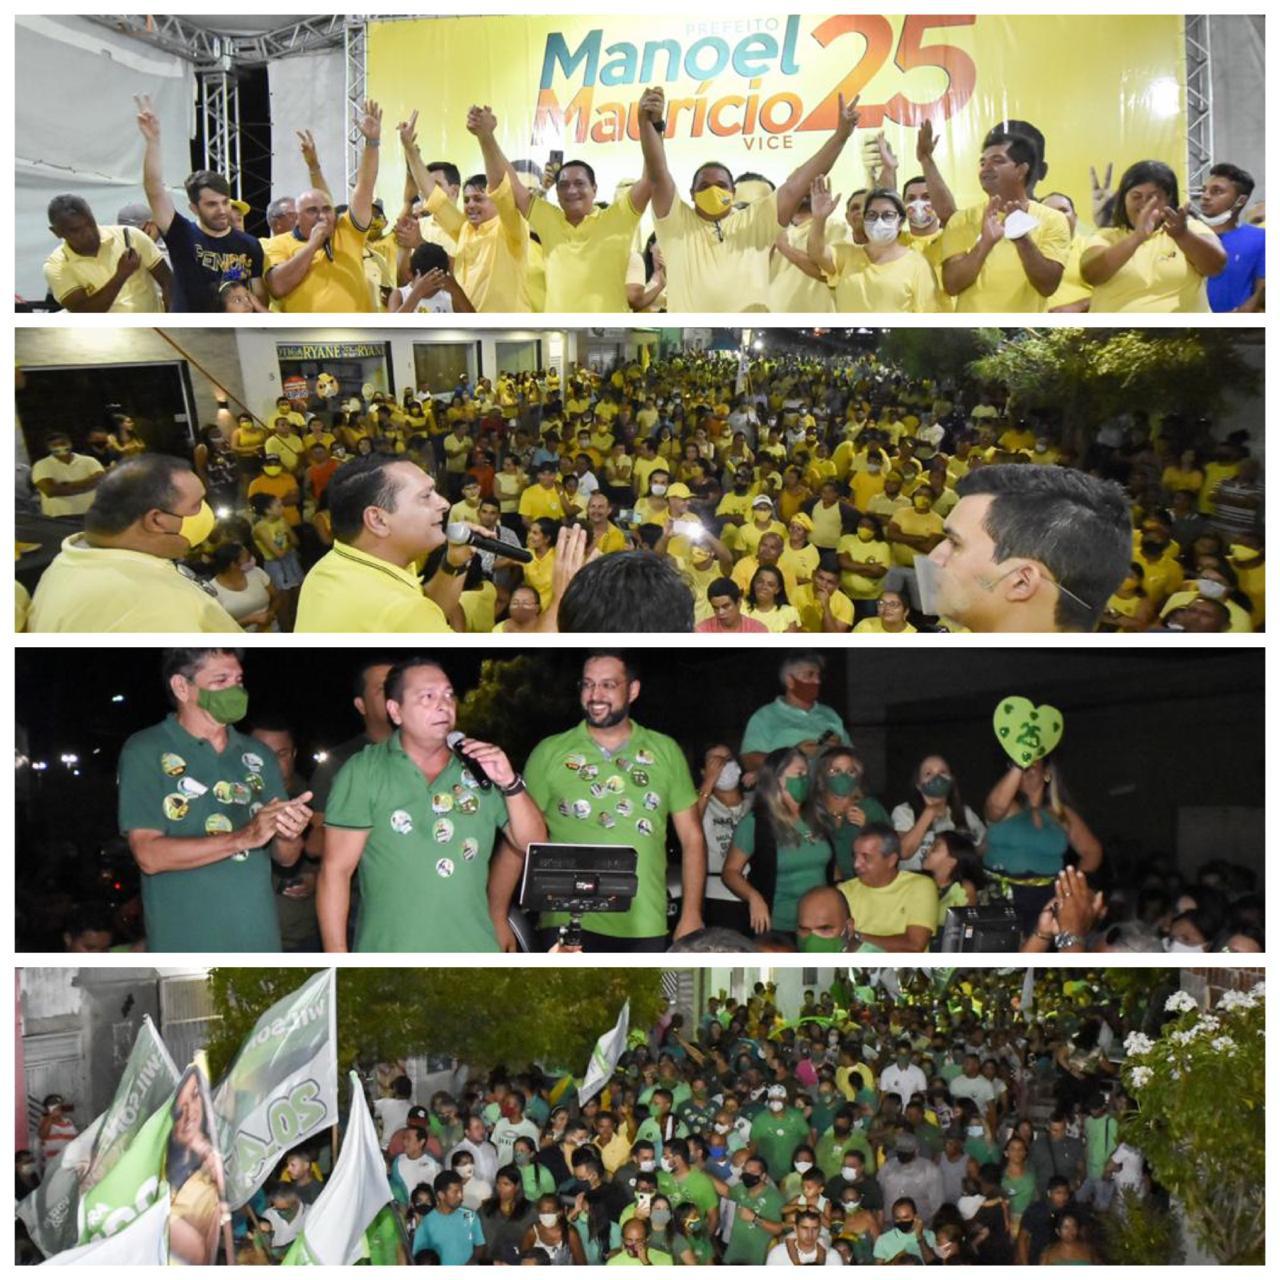 Ezequiel reforça as campanhas de Manoel e Maurício em João Câmara e Dr. Zé e Aladim em Macau